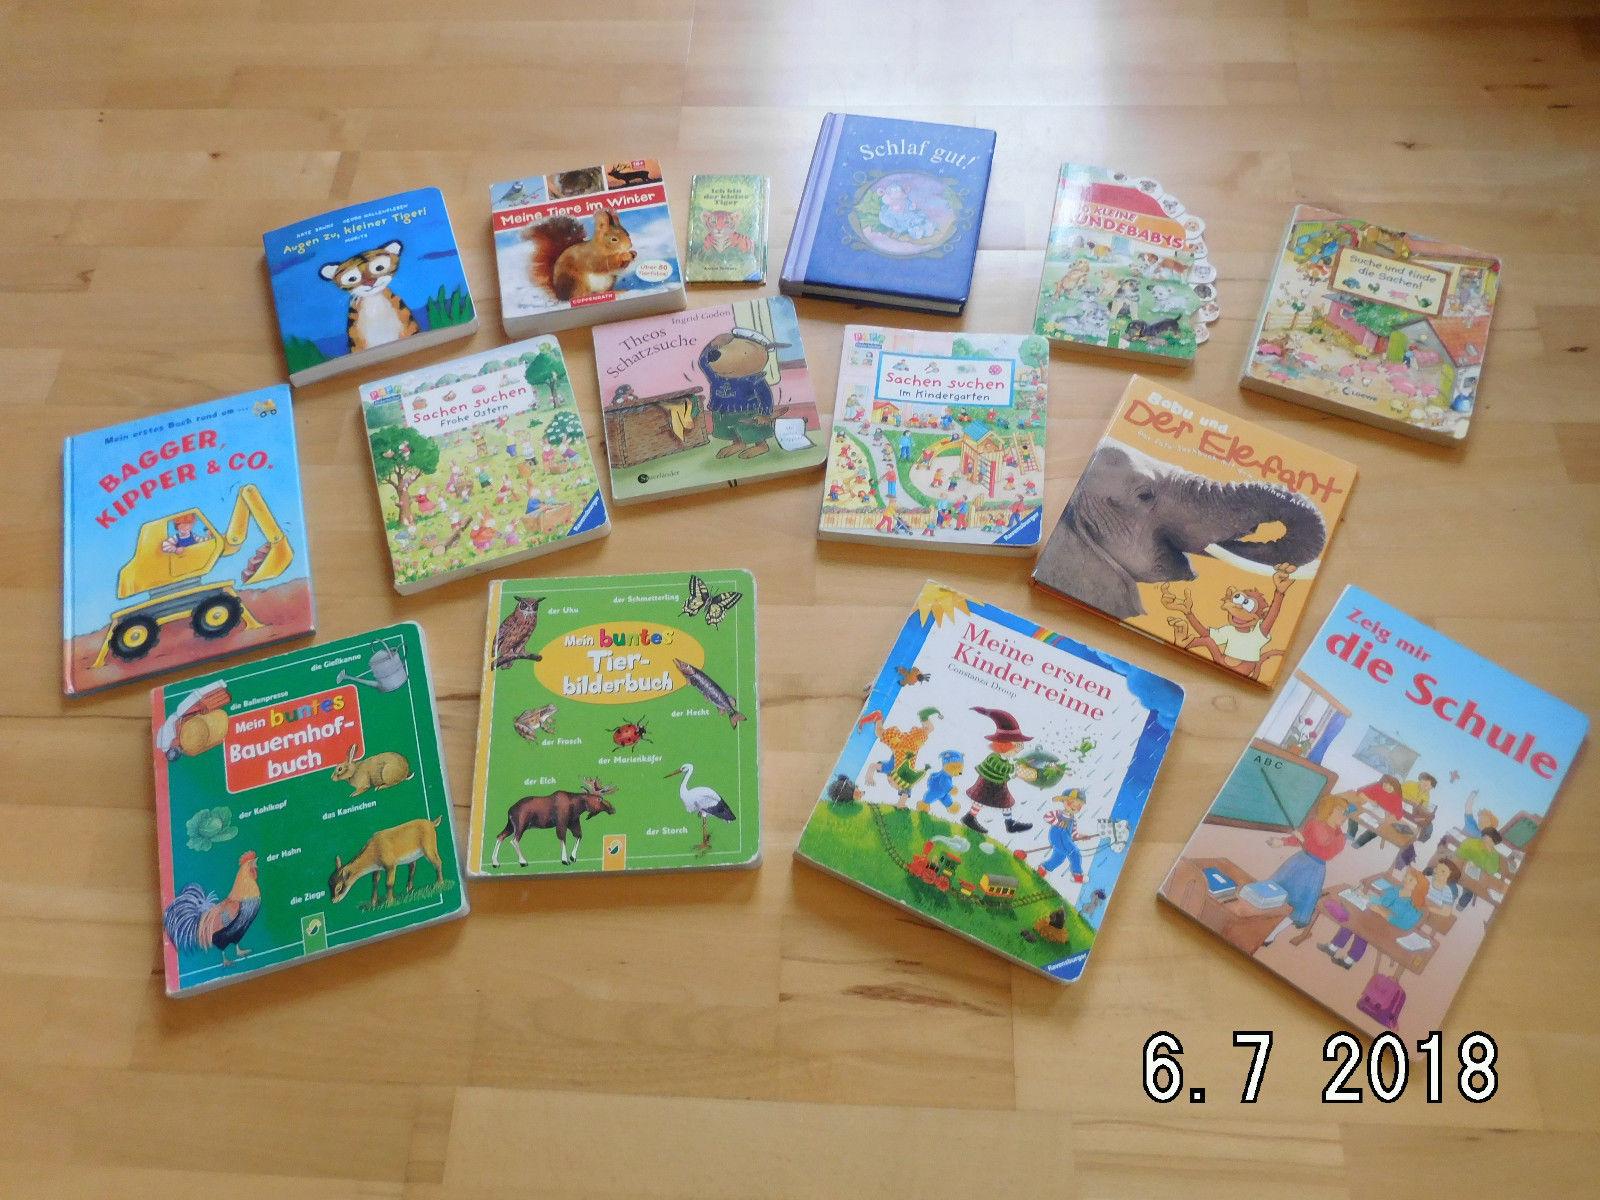 15 Kinderbücher für das Alter von 2-4 Jahren